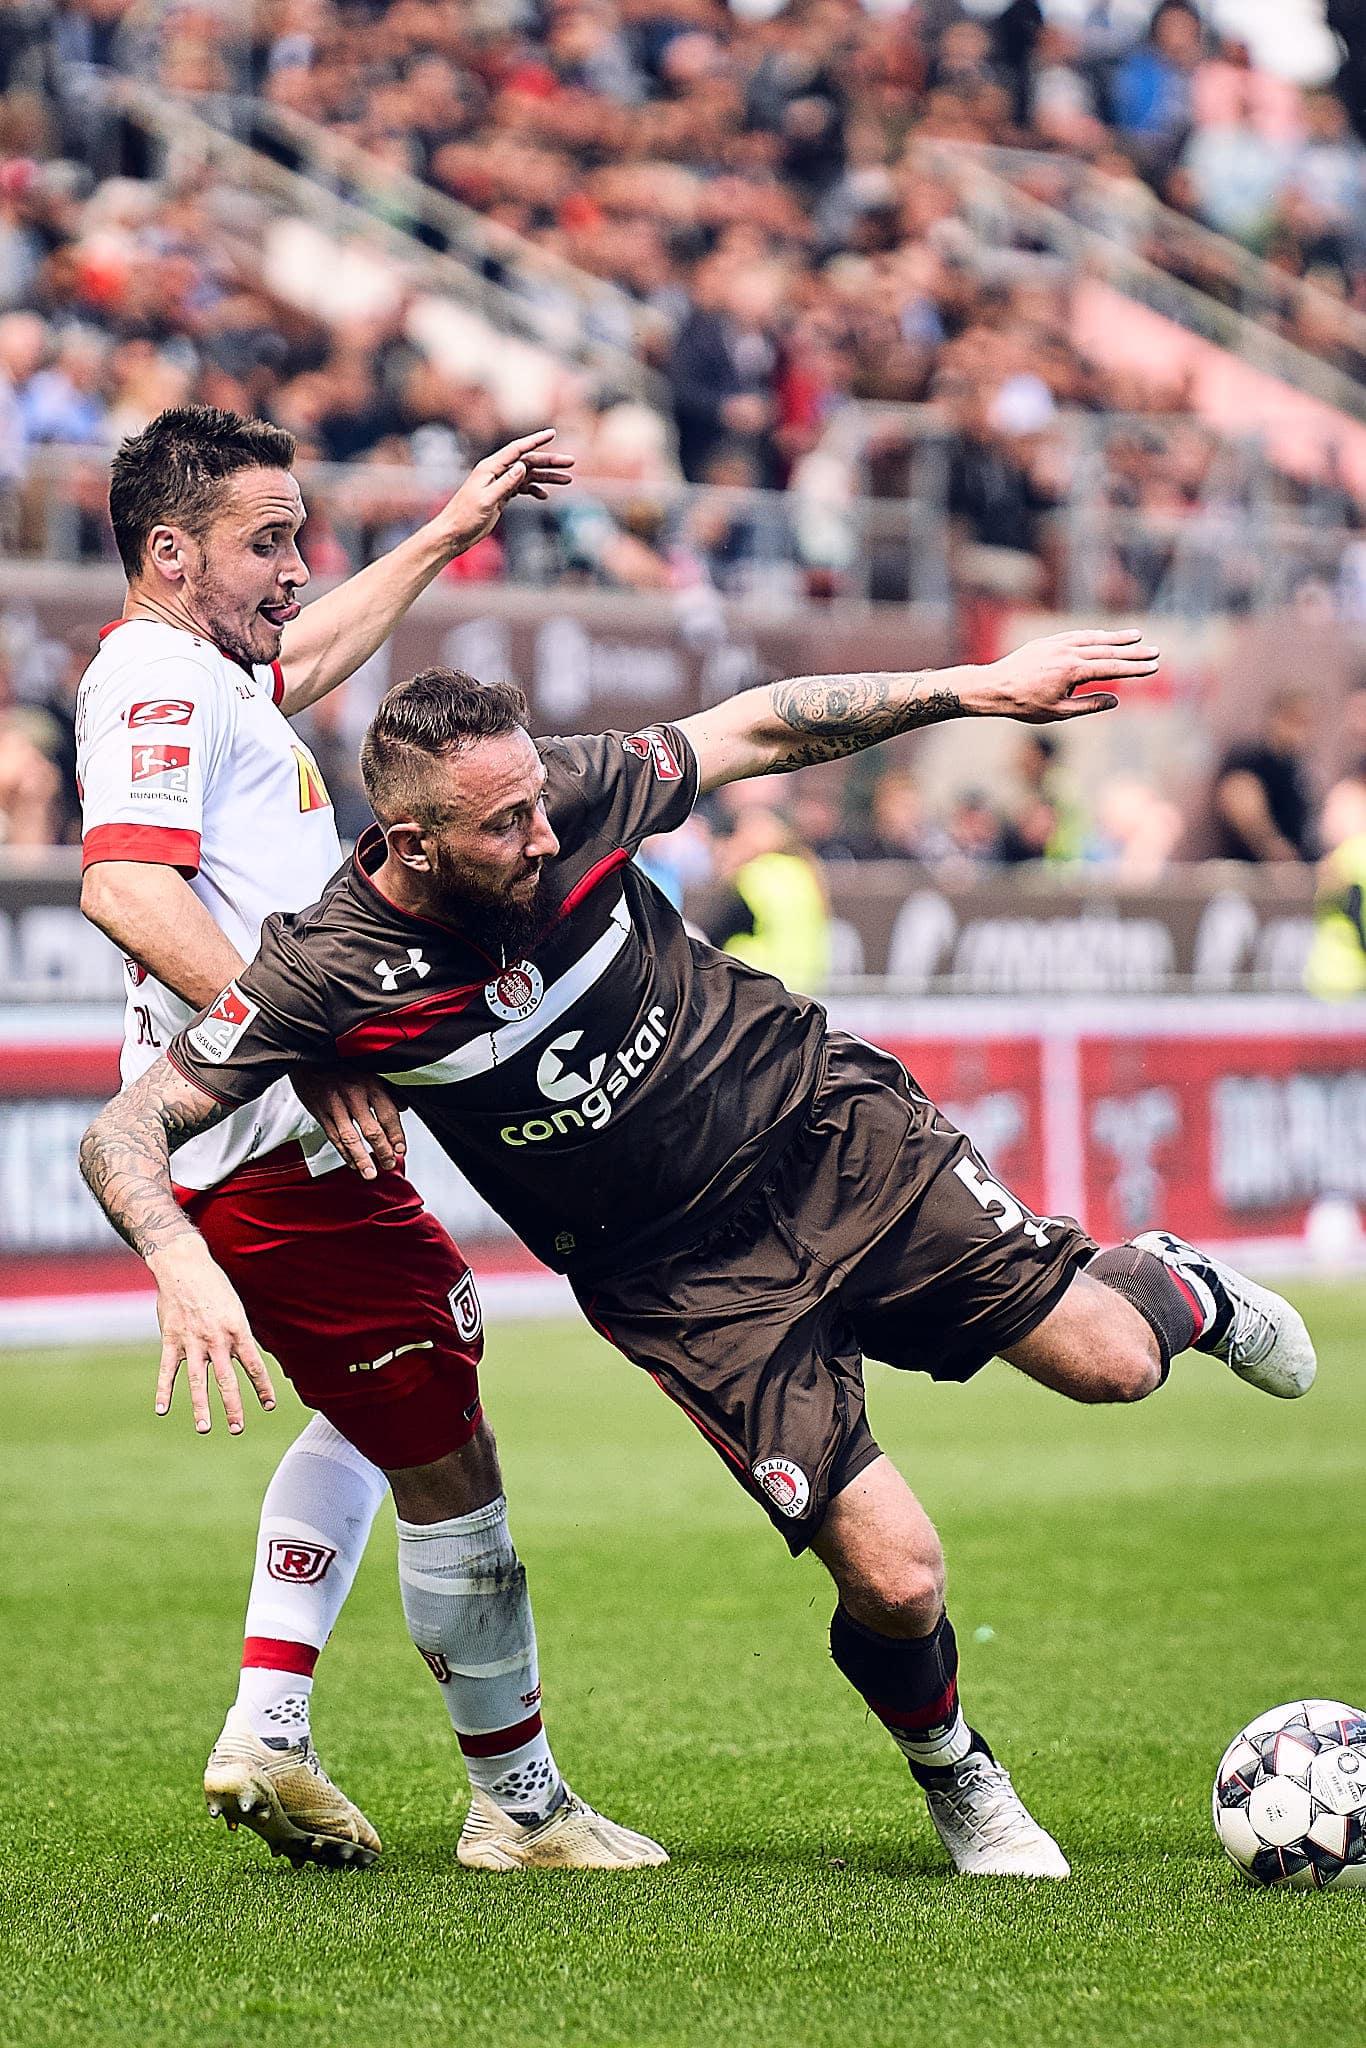 Vor dem Spiel – SSV Jahn Regensburg (A) – Spieltag 16 – Saison 2019/20